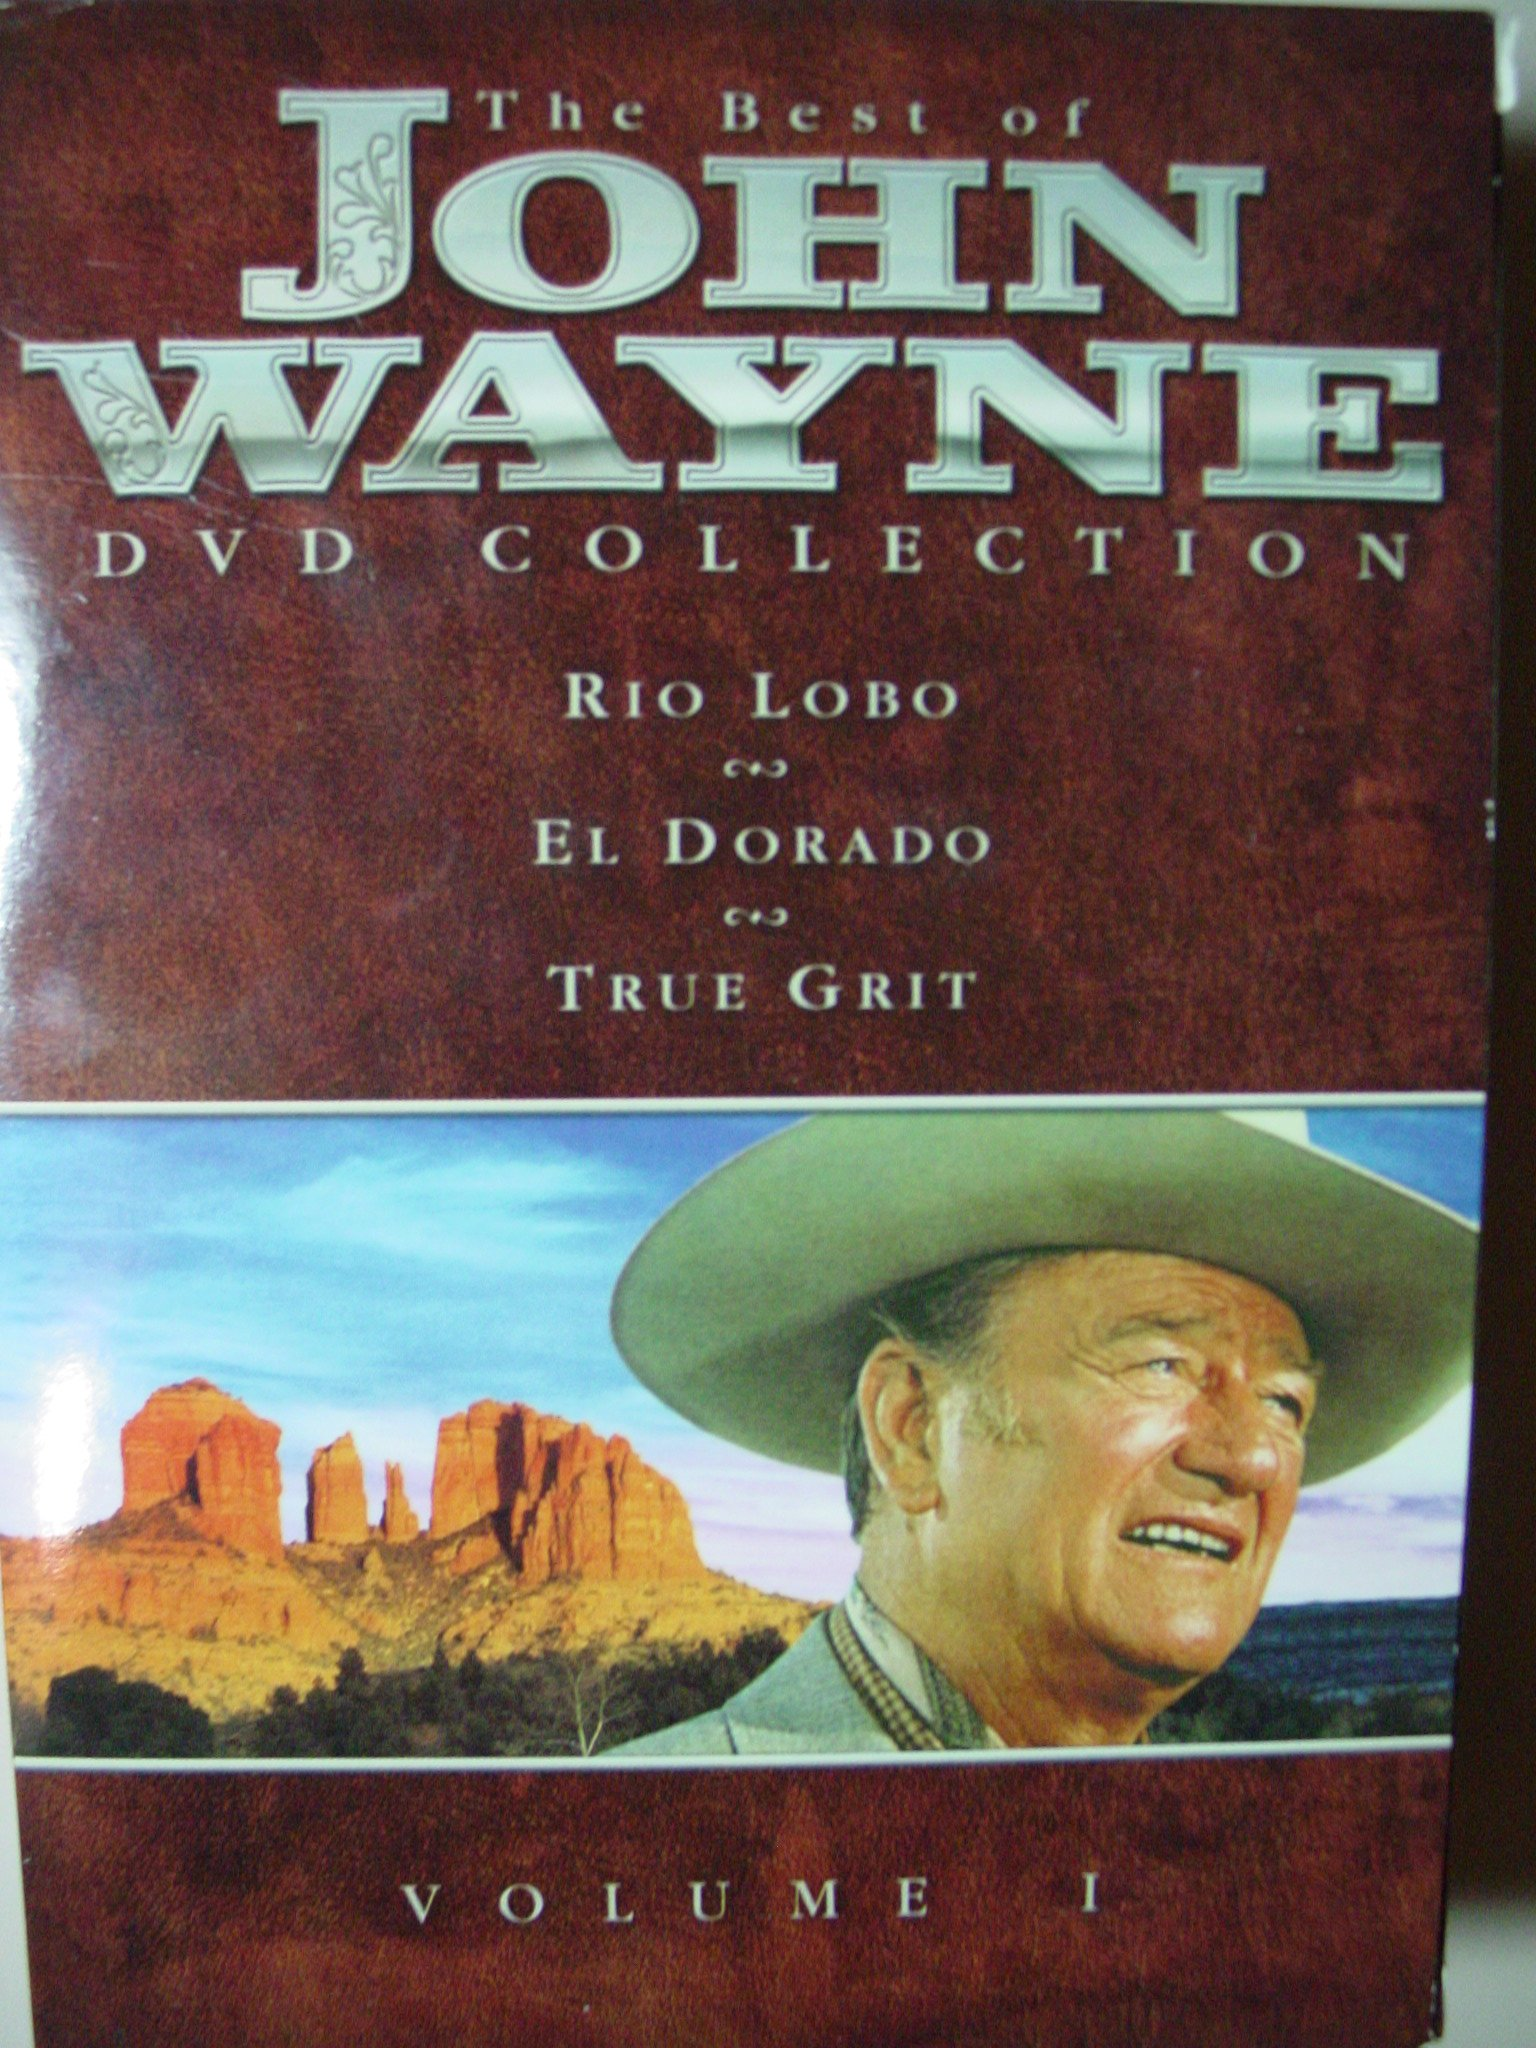 The Best of John Wayne Collection 1 (Rio Lobo / El Dorado / True Grit) by Paramount